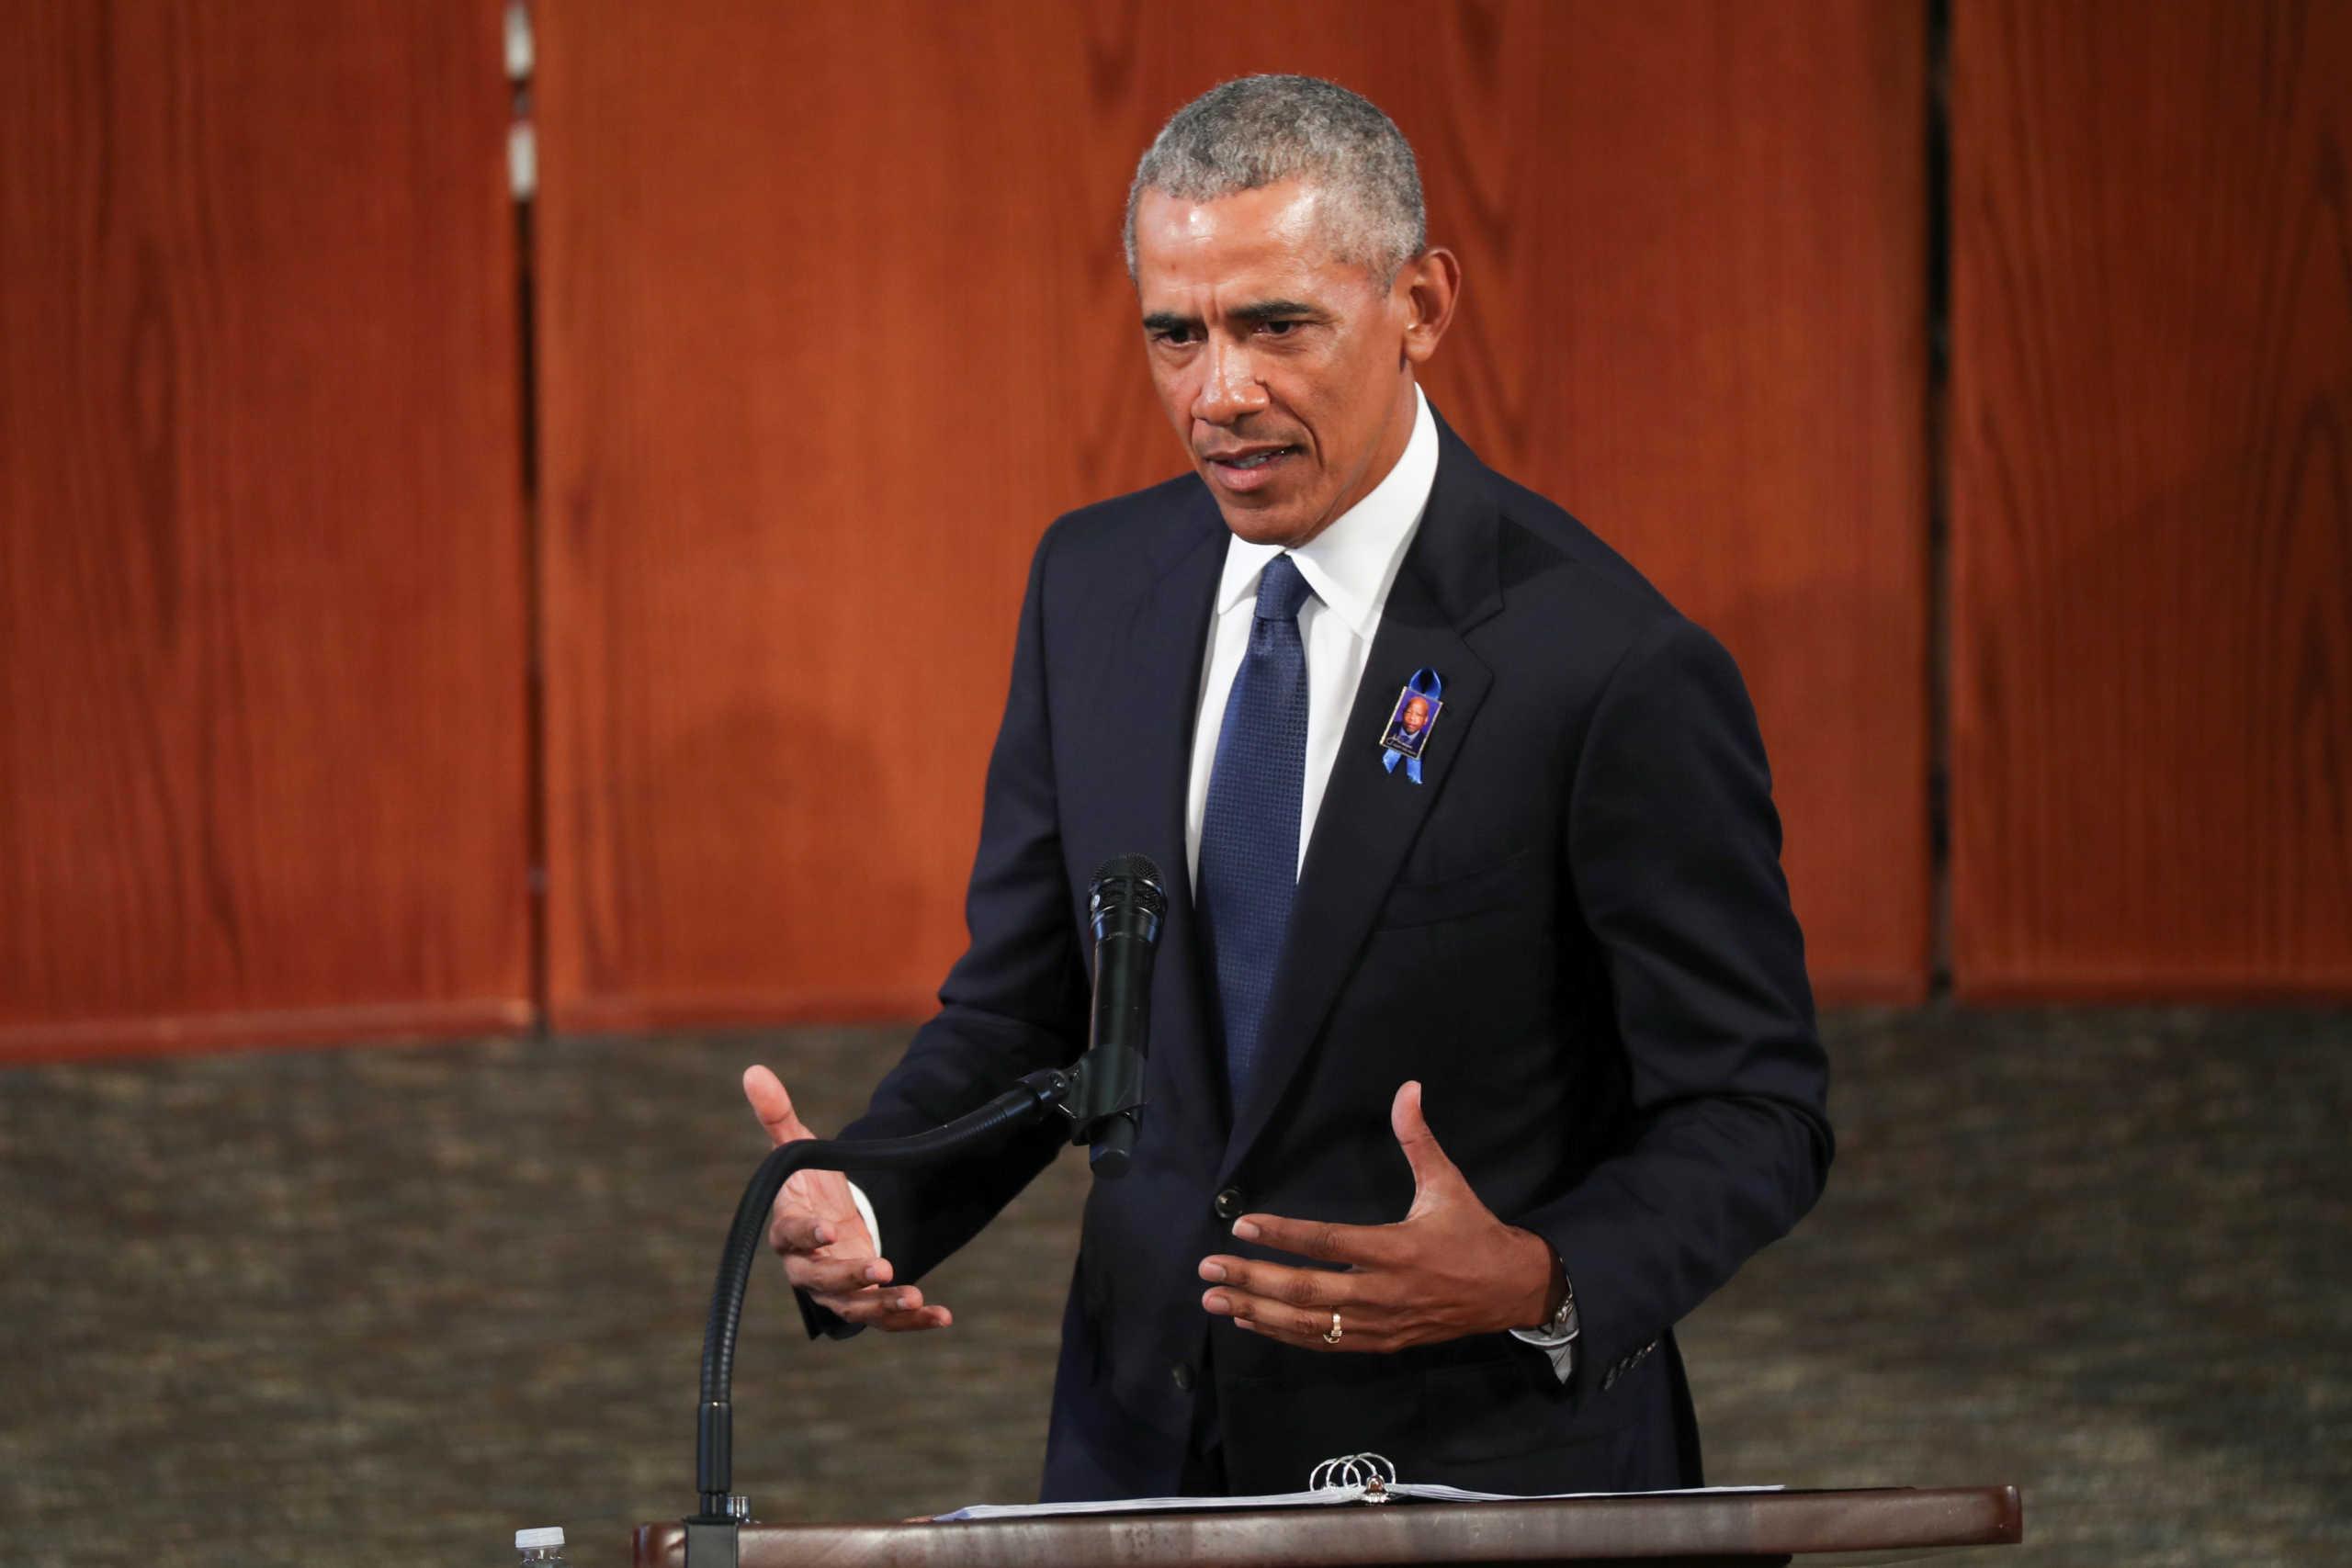 Πότε θα κυκλοφορήσει το βιβλίο με τα απομνημονεύματα του Ομπάμα